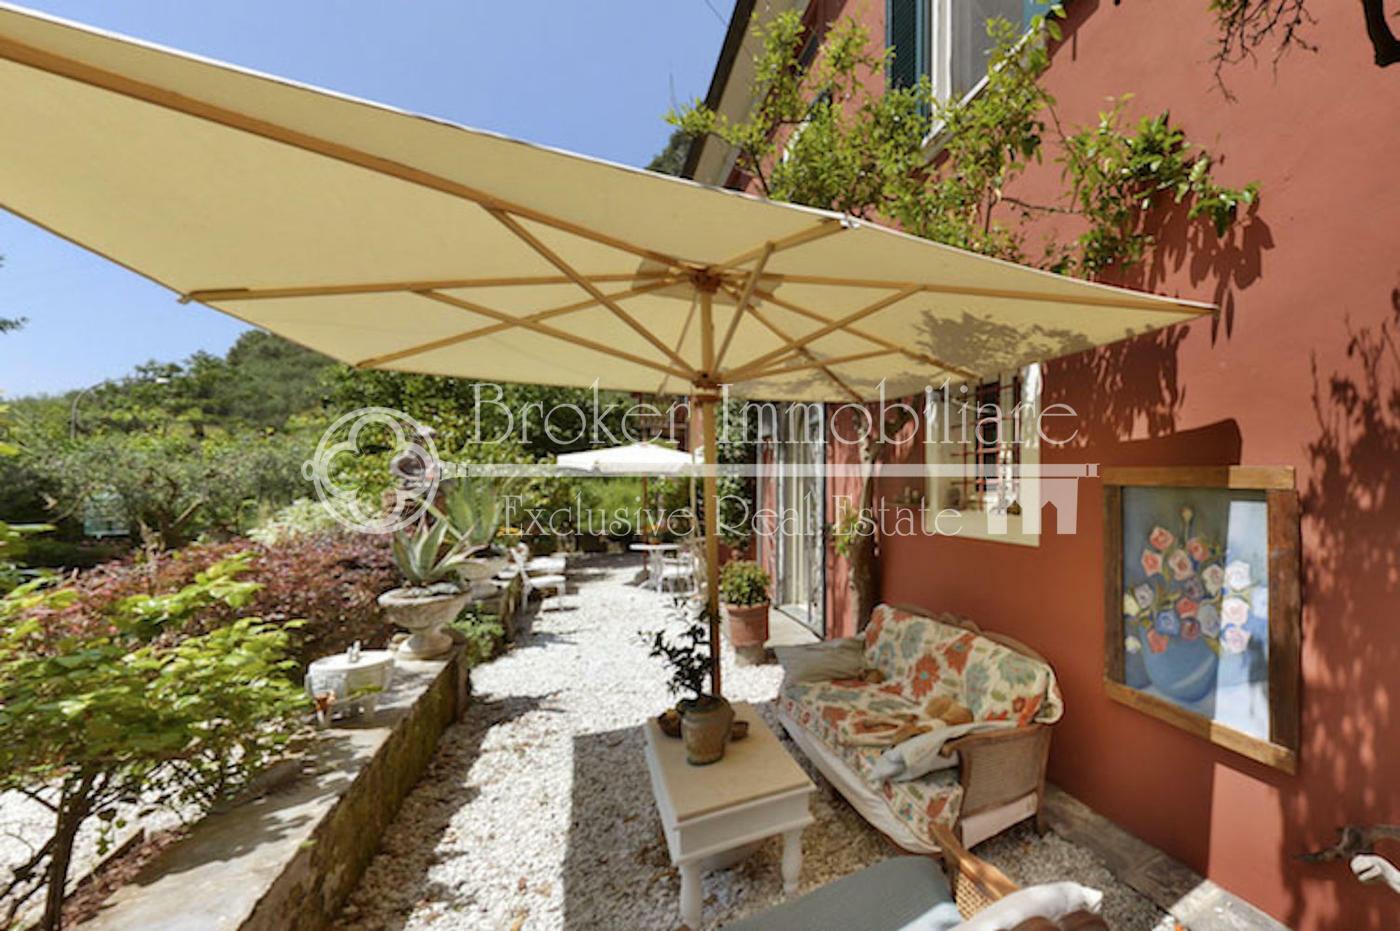 Meravigliosa villa di charme in vendita a Pietrasanta